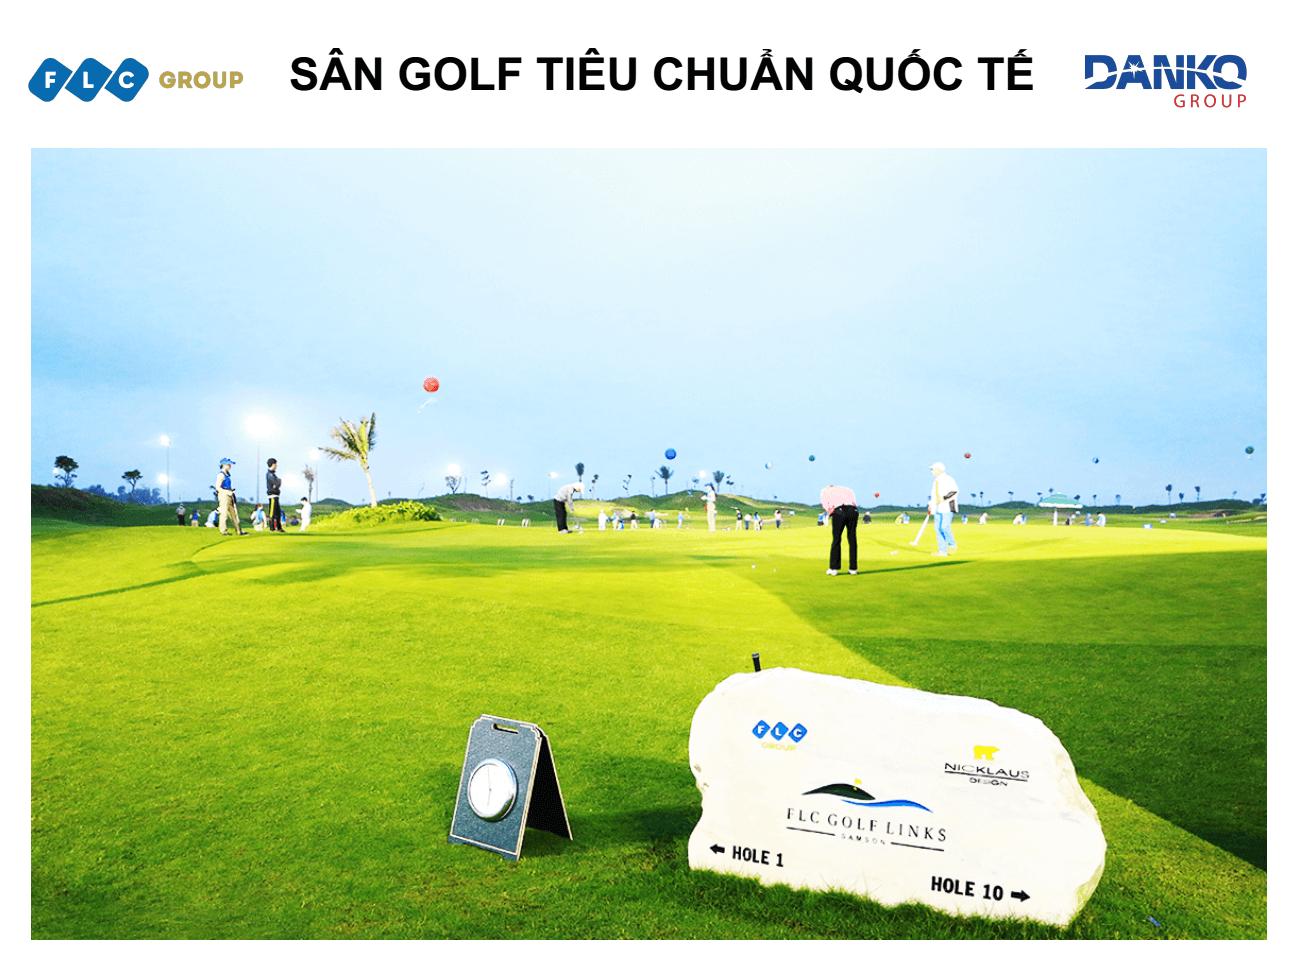 san-golf-18-ho-chuan-quoc-te-flc-sam-son